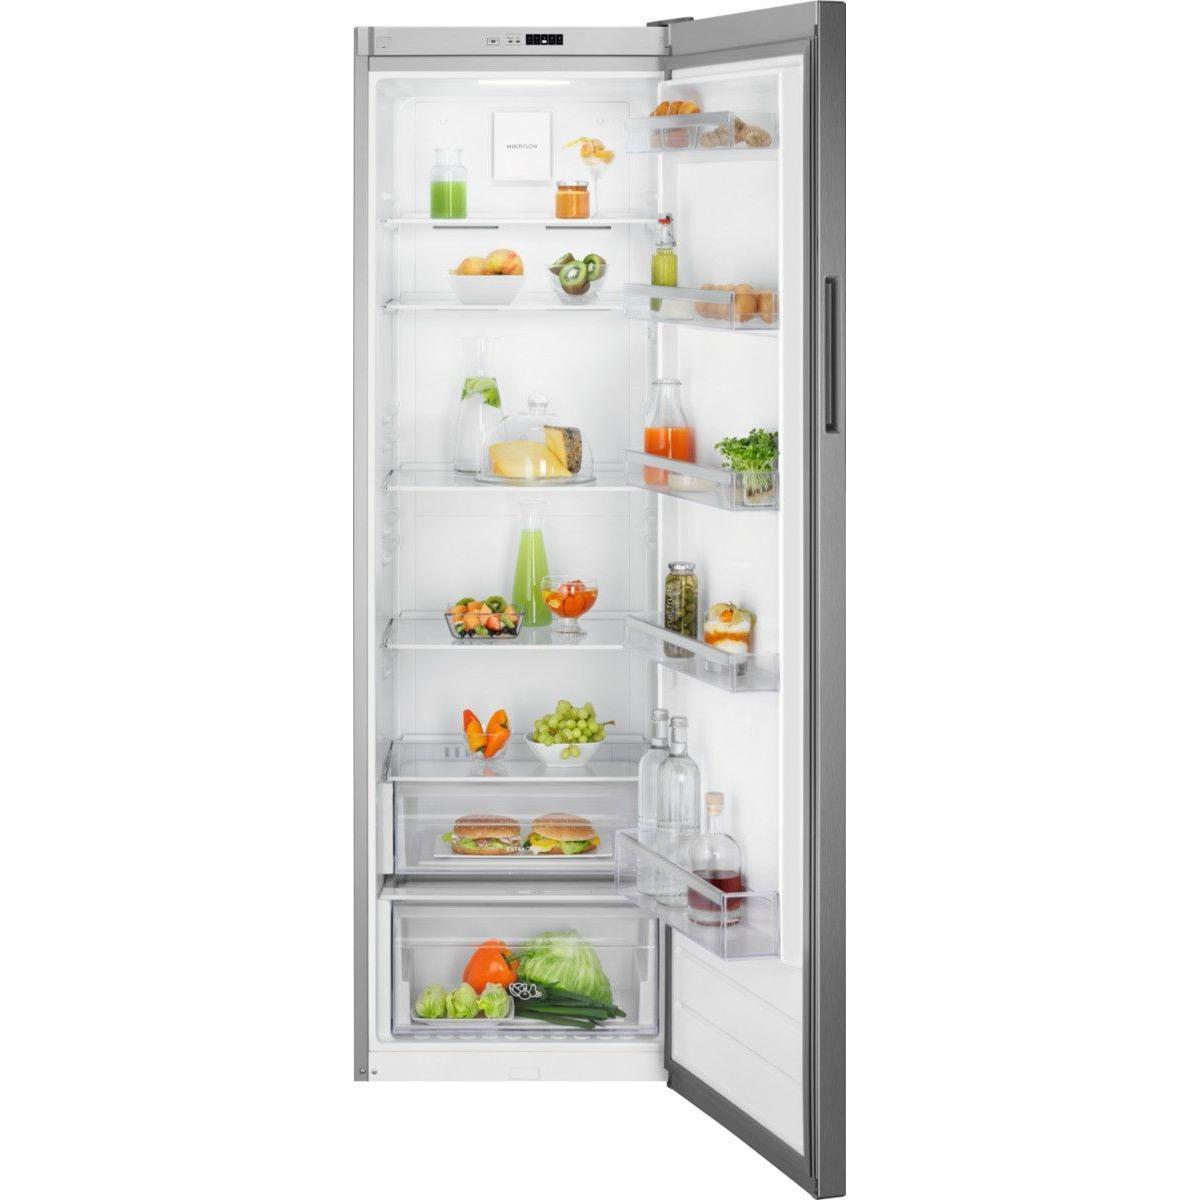 Electrolux Réfrigérateur 1 porte 380L Froid Ventilé ELECTROLUX 59cm, LRT 5 MF 38 U 0